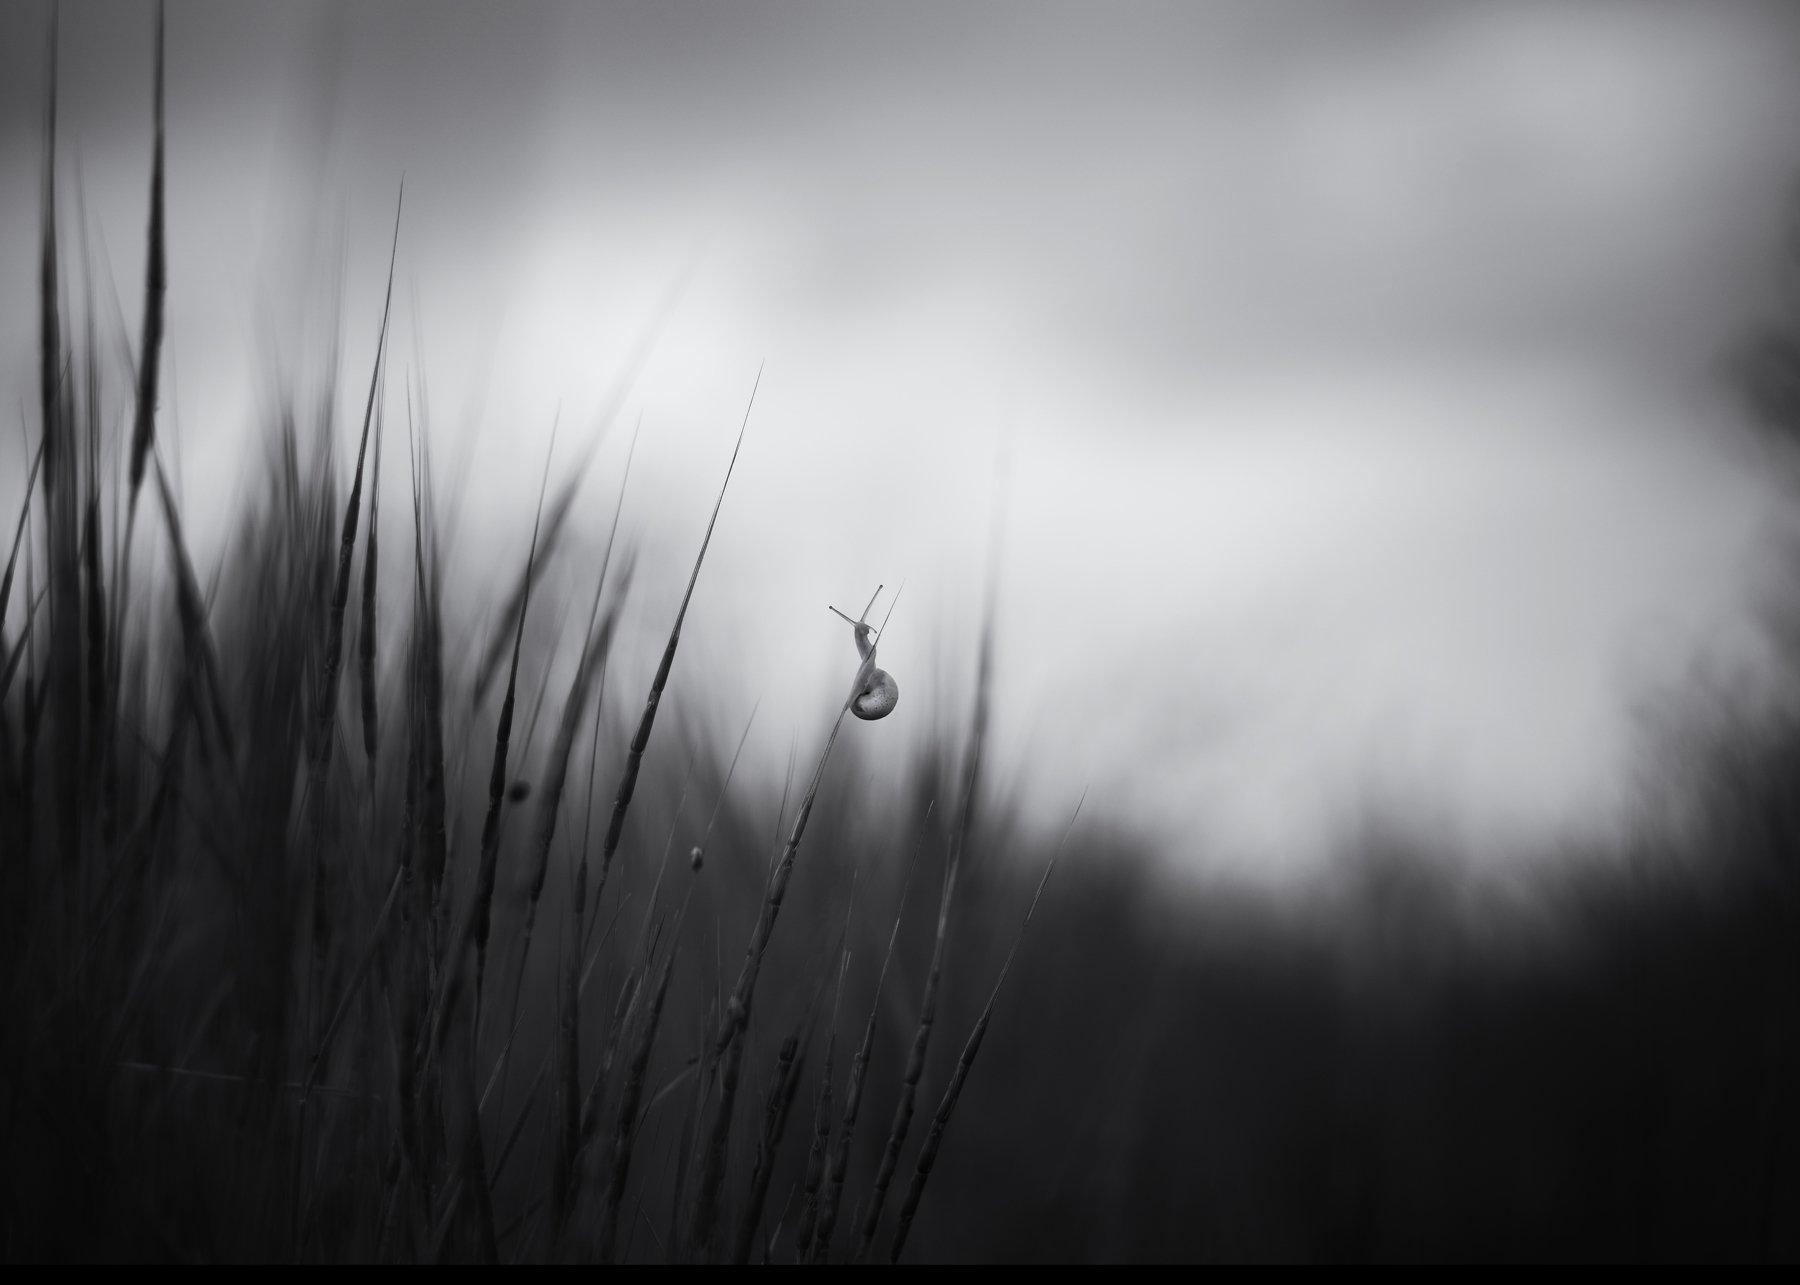 улитка чб пейзаж трава, Игорь Крюков